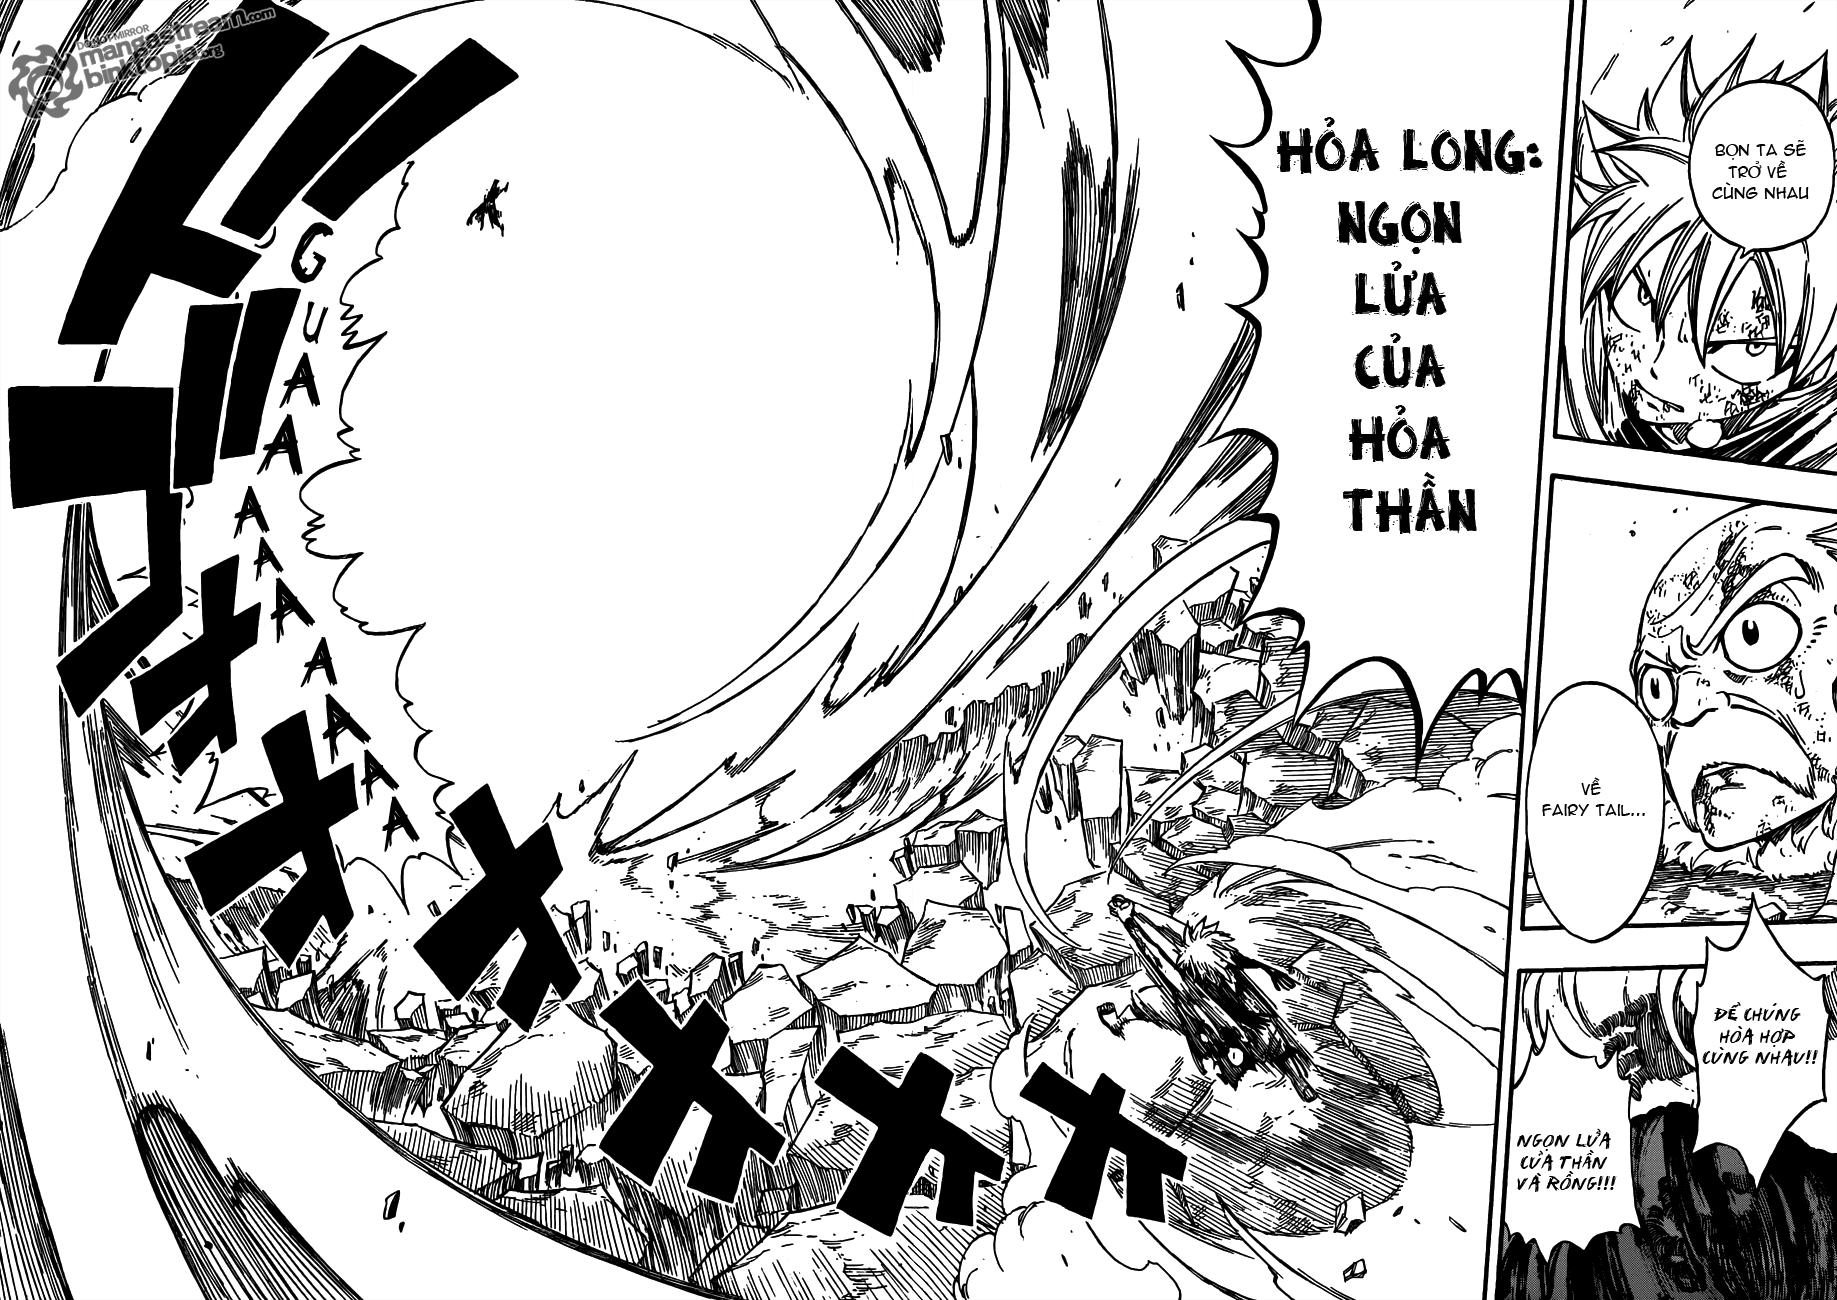 Fairy Tail Chapter 219 Tiếng Việt - Ngọn Lửa Của Hỏa Thần 18-19